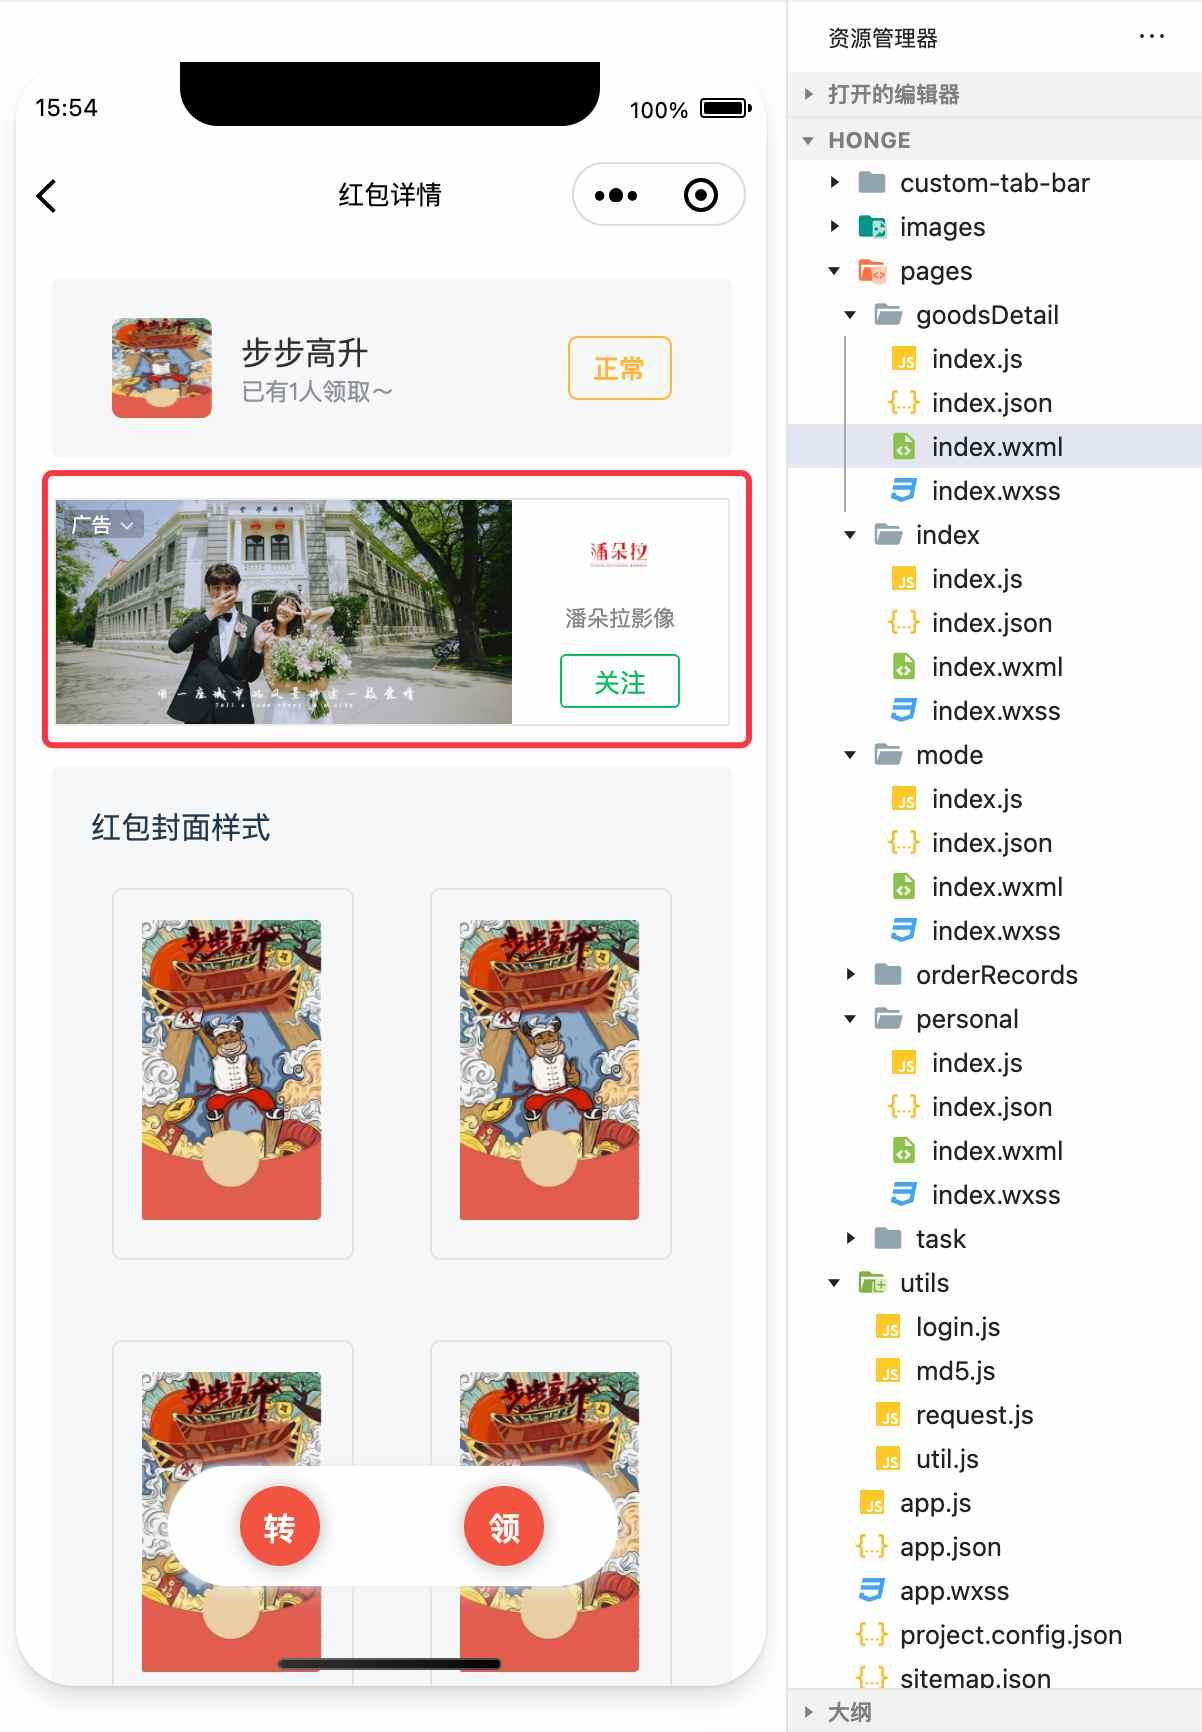 xuiaocheng24234xu2.png